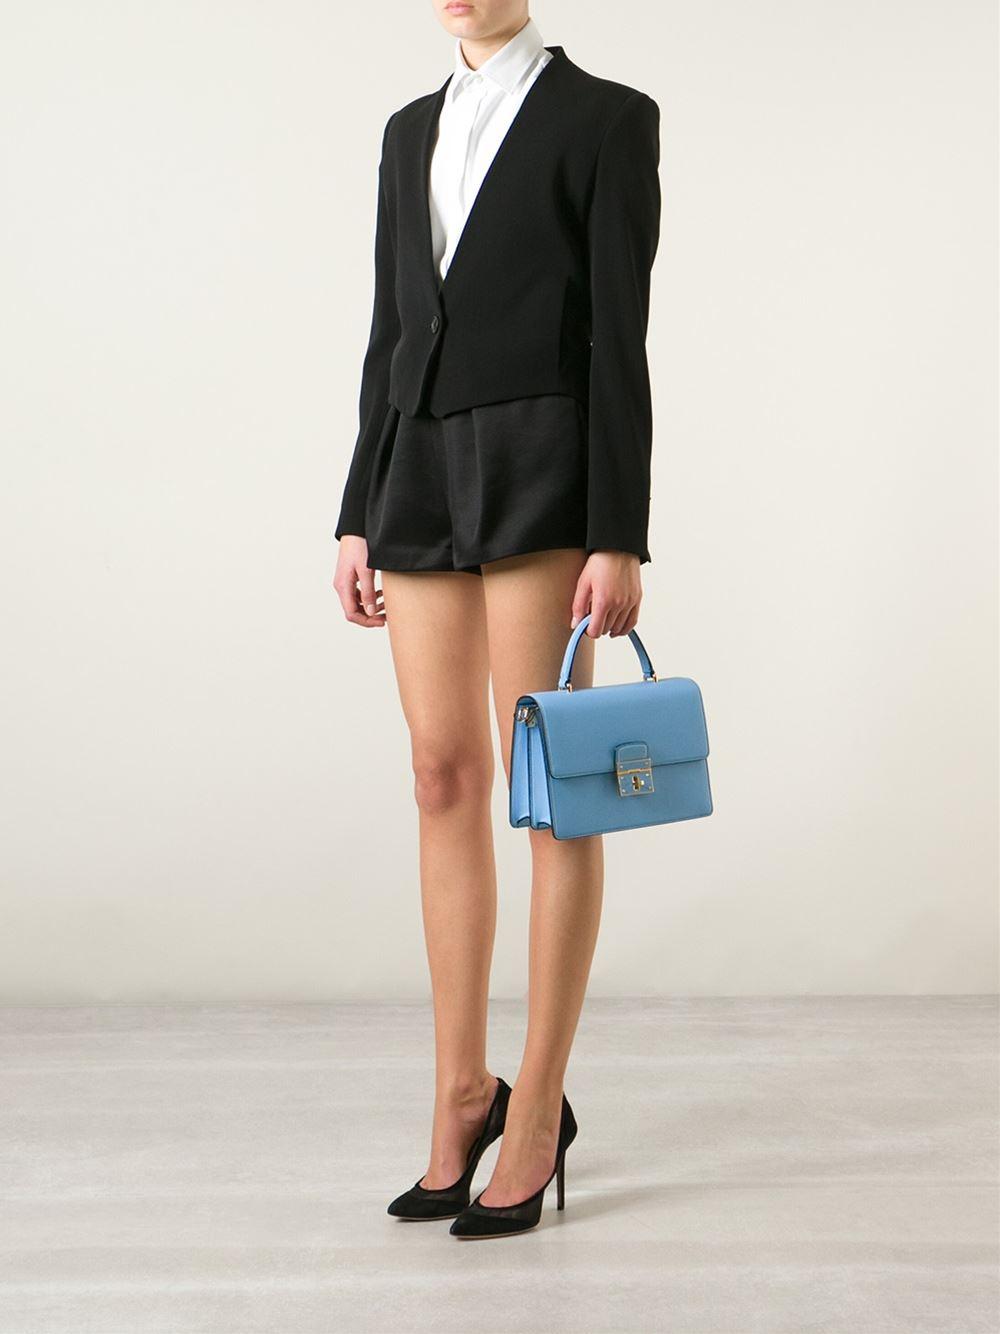 a6e643a856 Dolce   Gabbana Rosalia Calf-Leather Shoulder Bag in Blue - Lyst